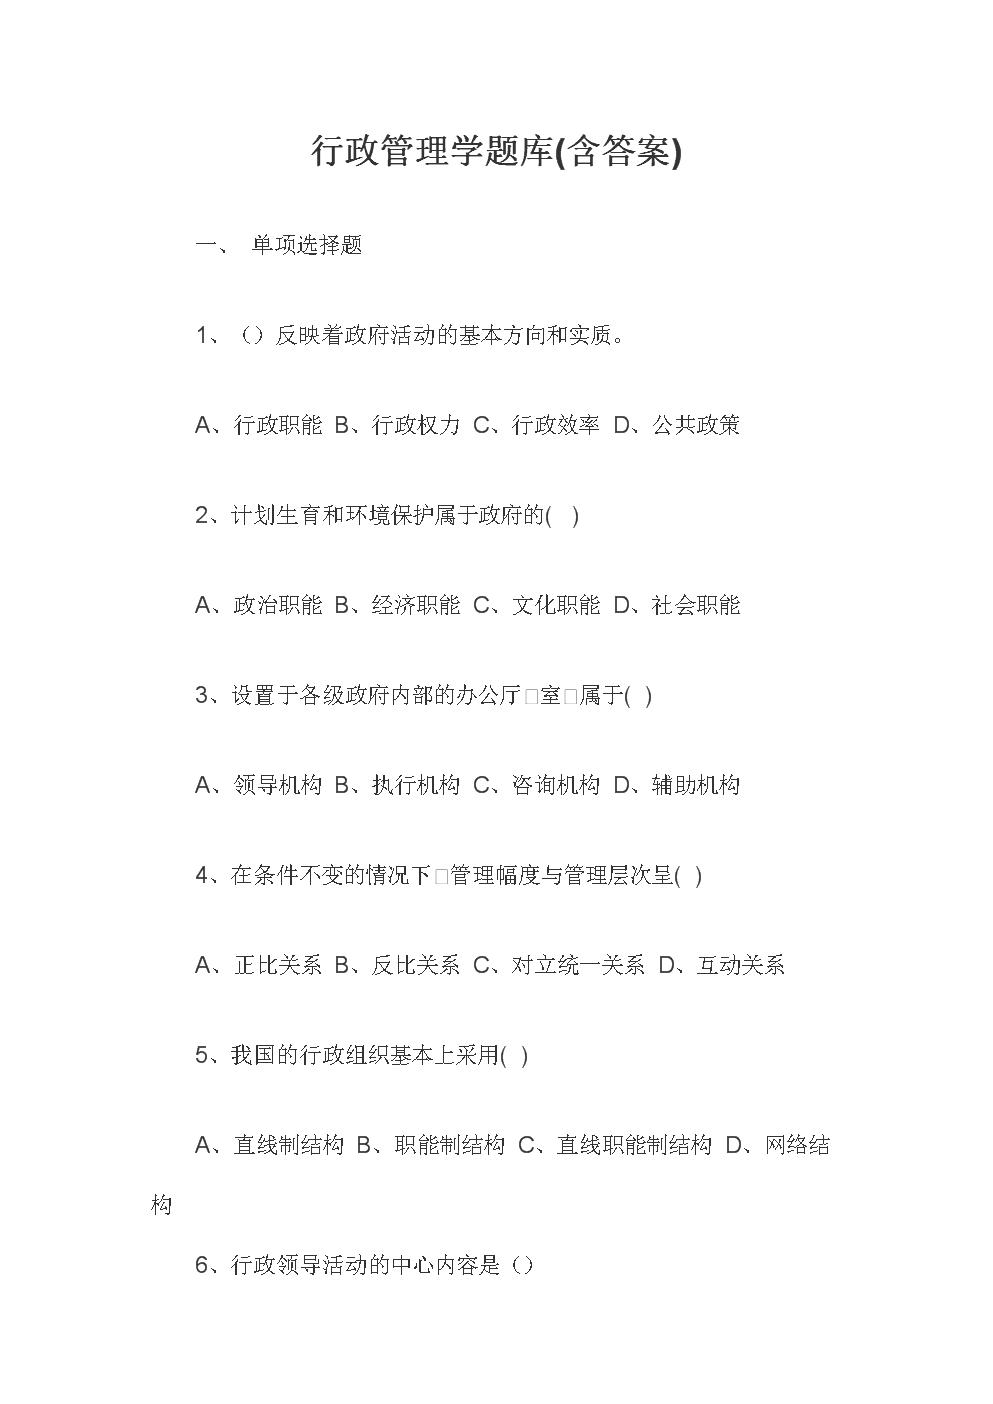 行政管理学题库(含答案).docx